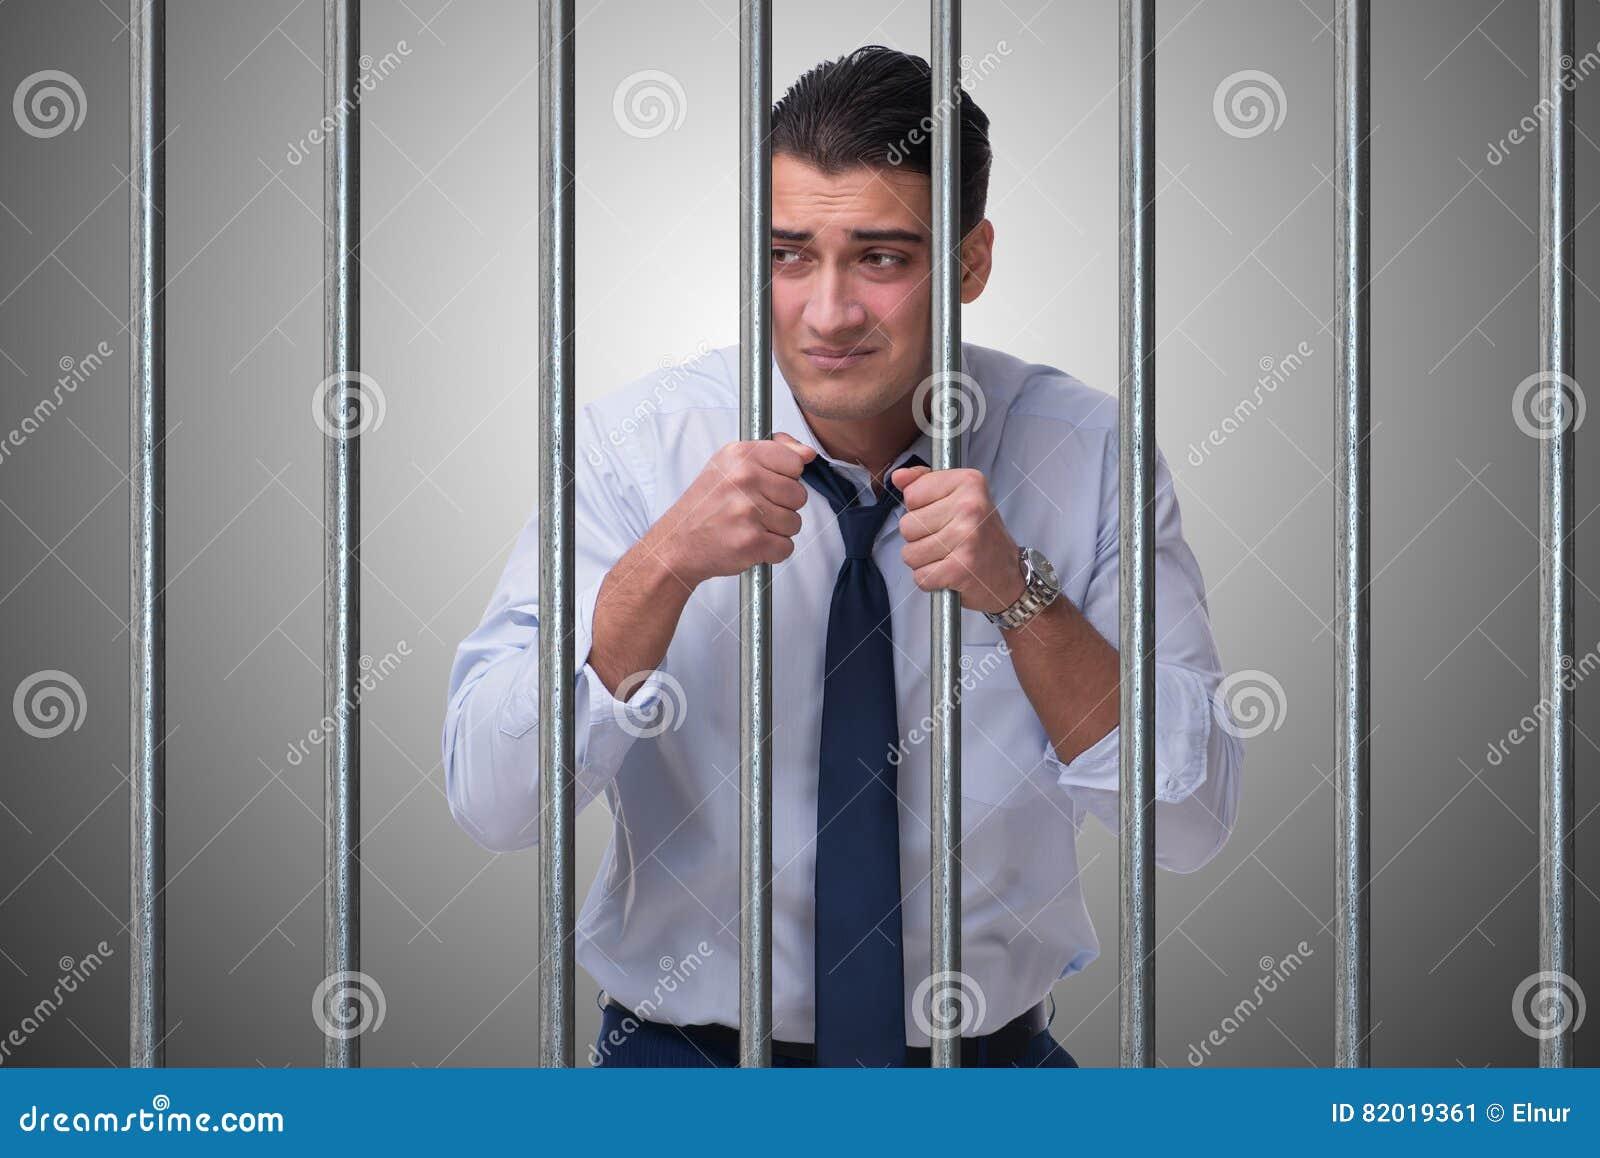 O homem de negócios novo atrás das barras na prisão